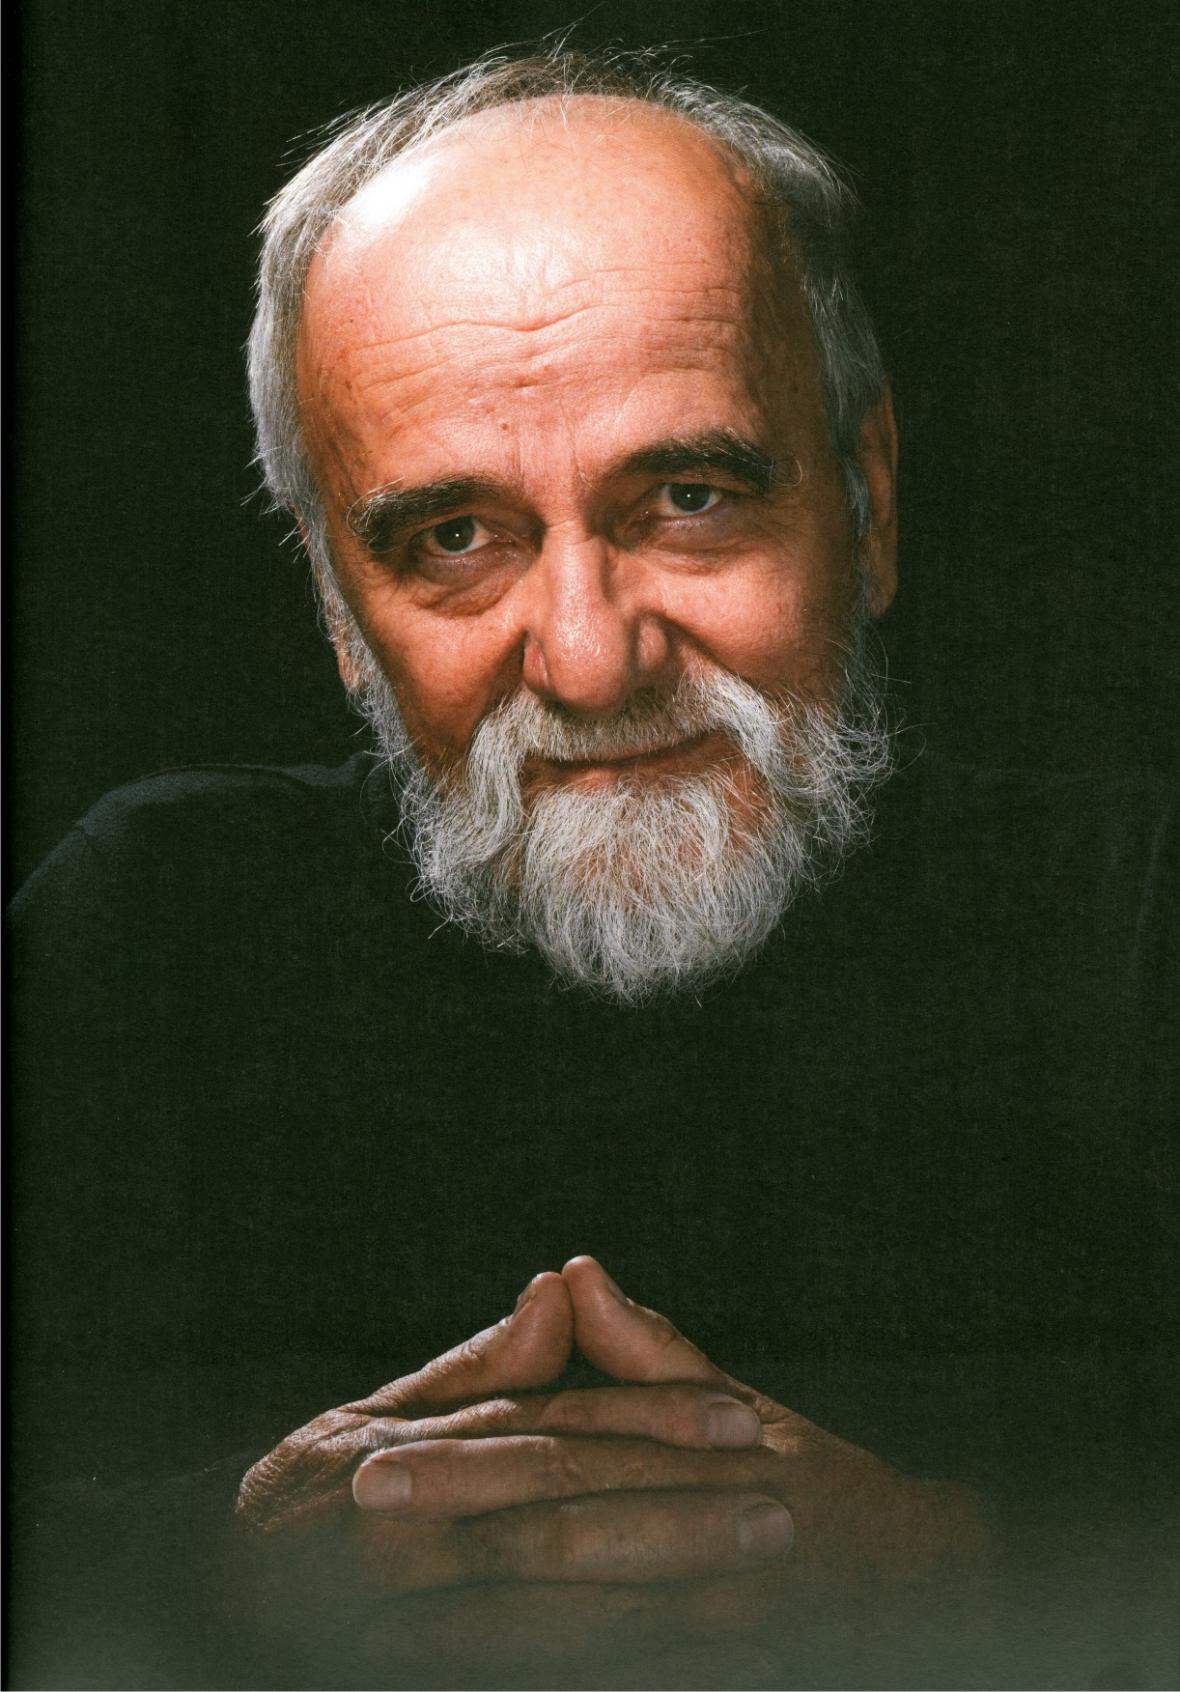 Yan Zoritchak